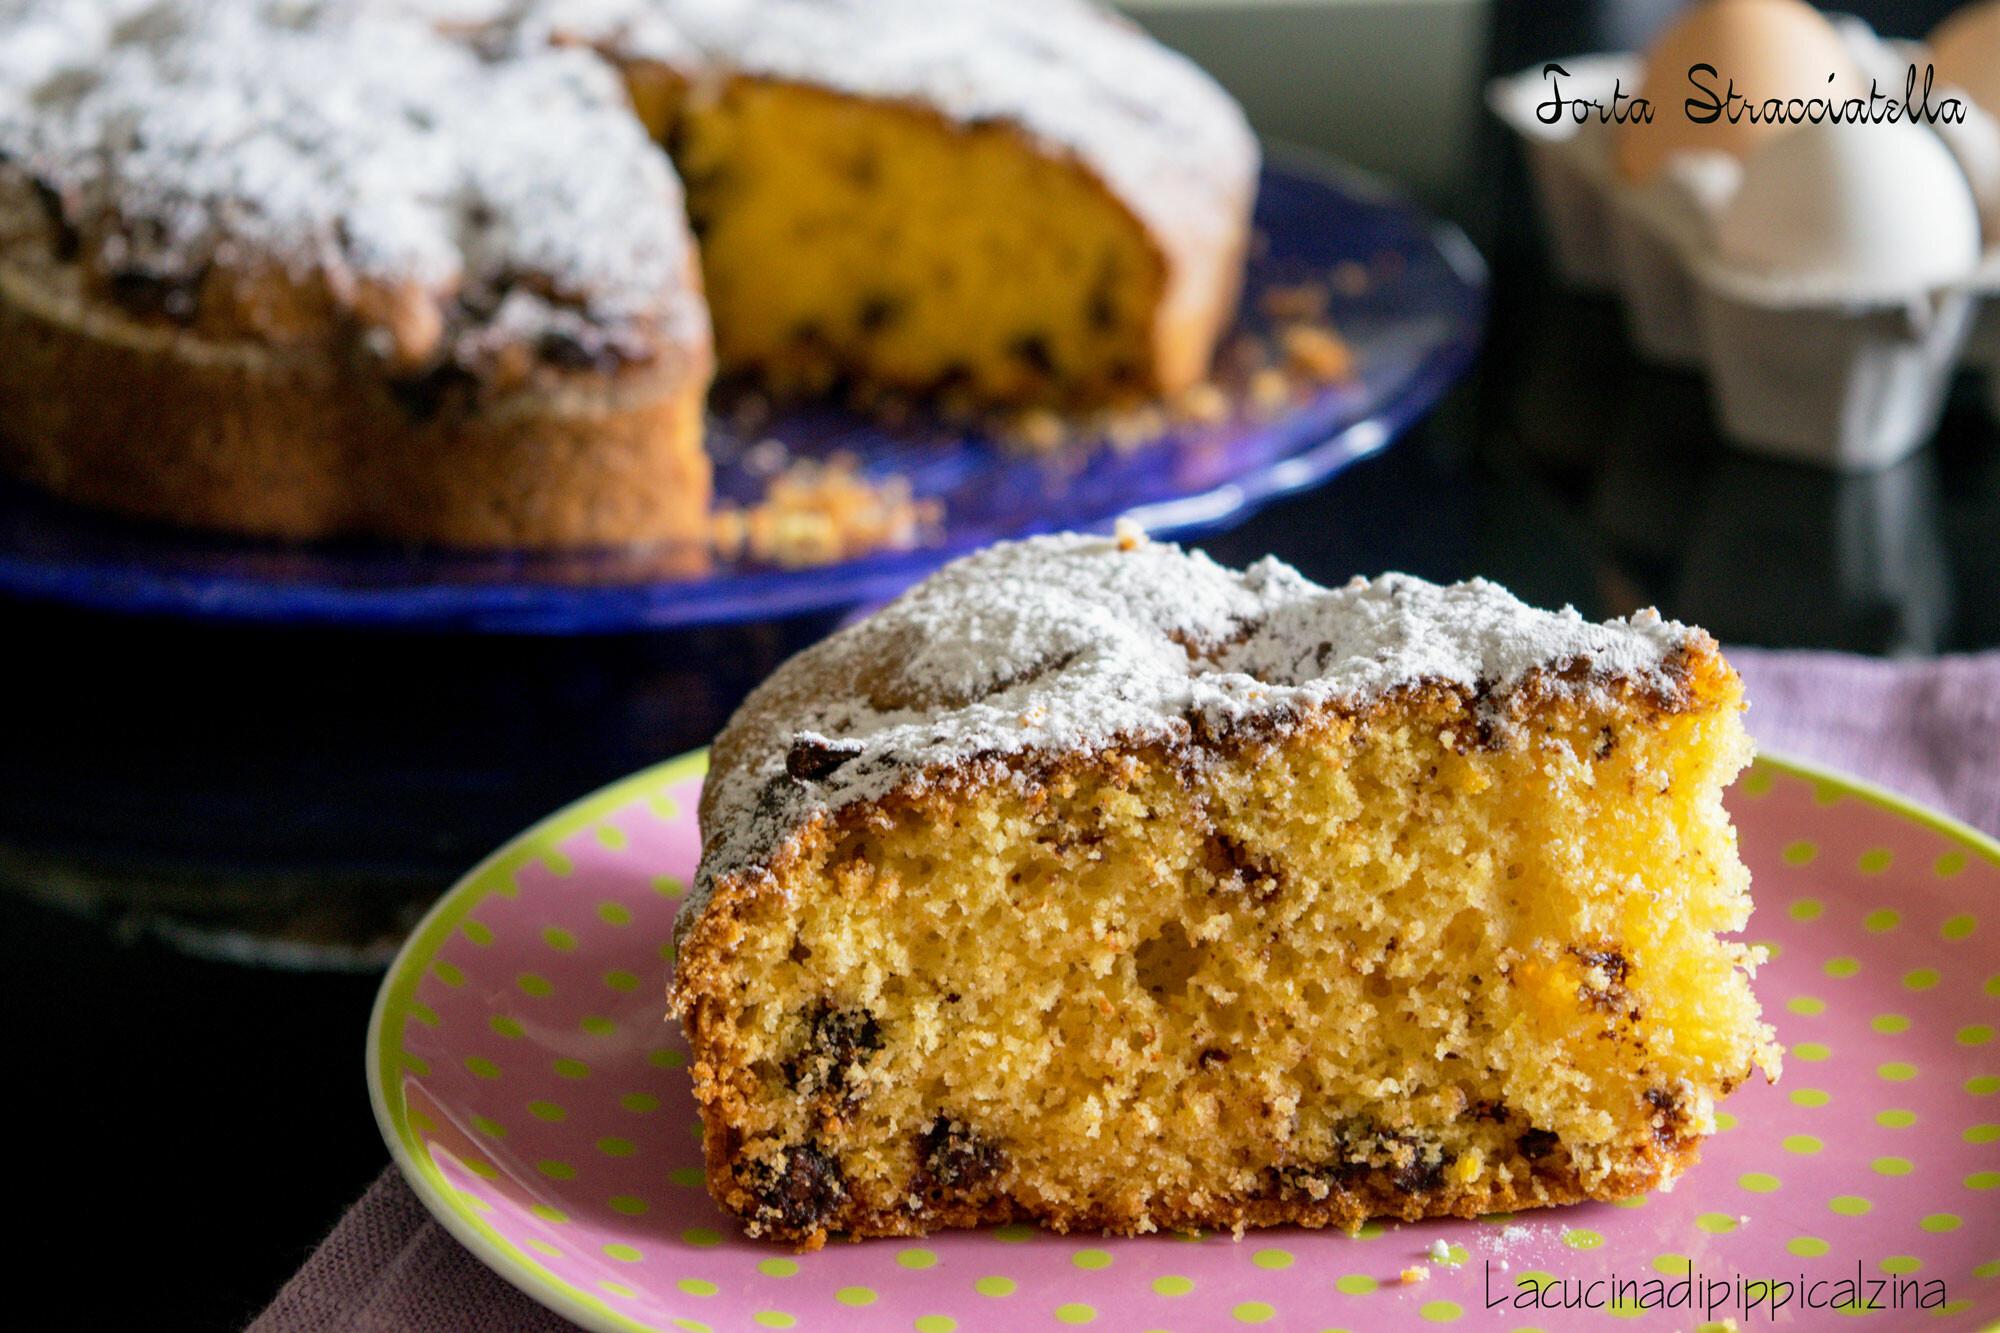 torta-stracciatella